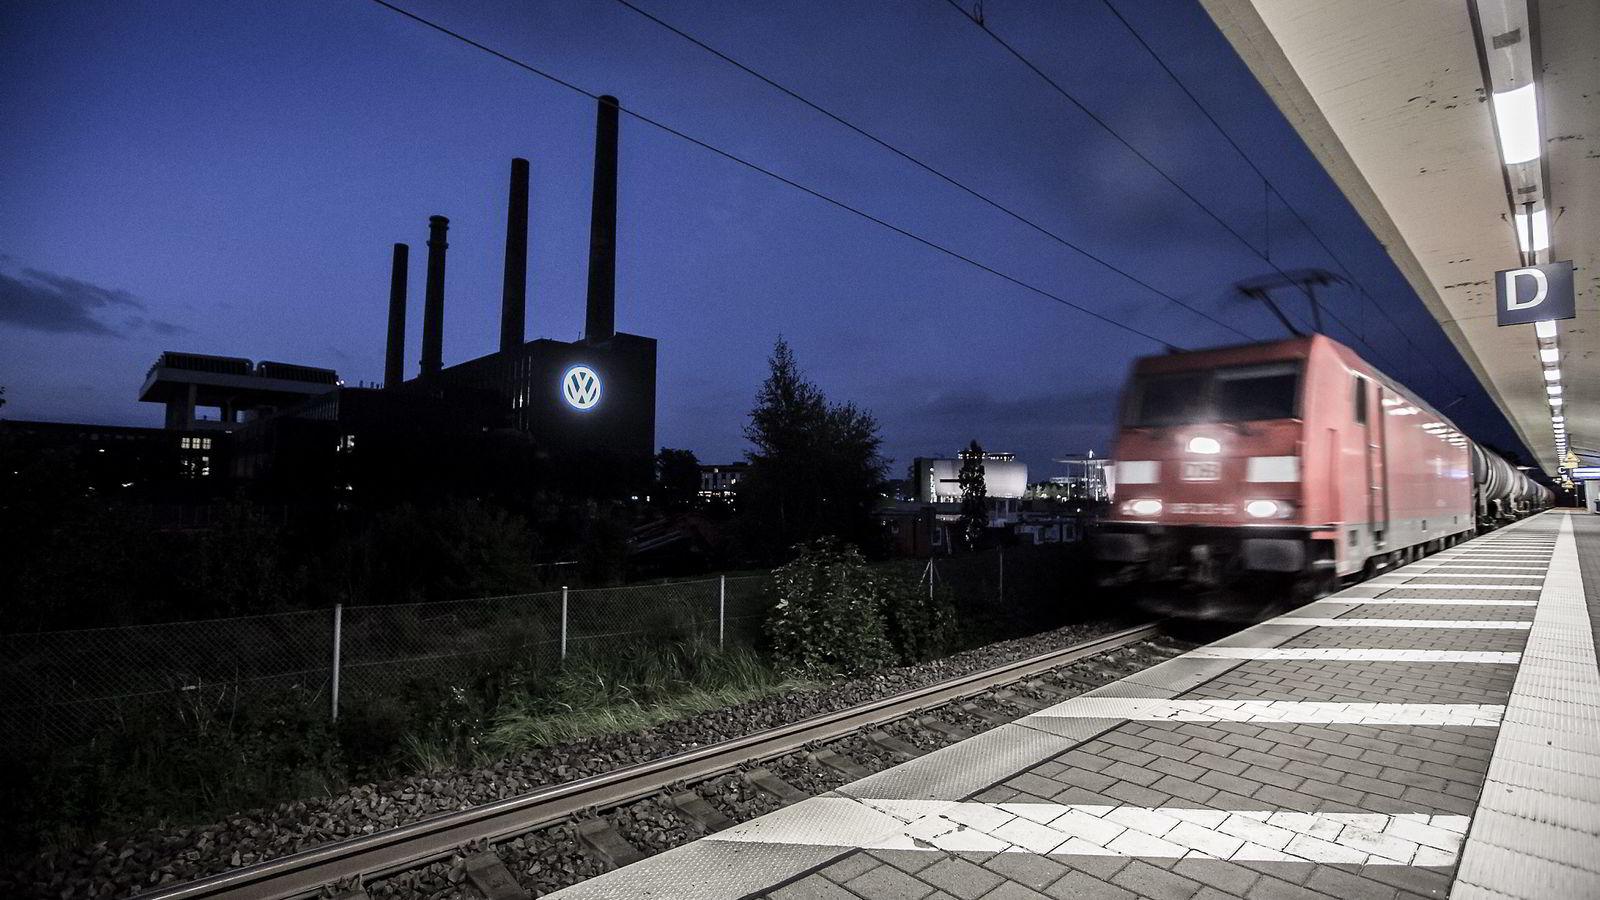 Wolfsburg ligger cirka 20 mil vest for Berlin og har drøyt 120.000 innbyggere. Halvparten av byens arbeidstakere jobber for Volkswagen. Foto: